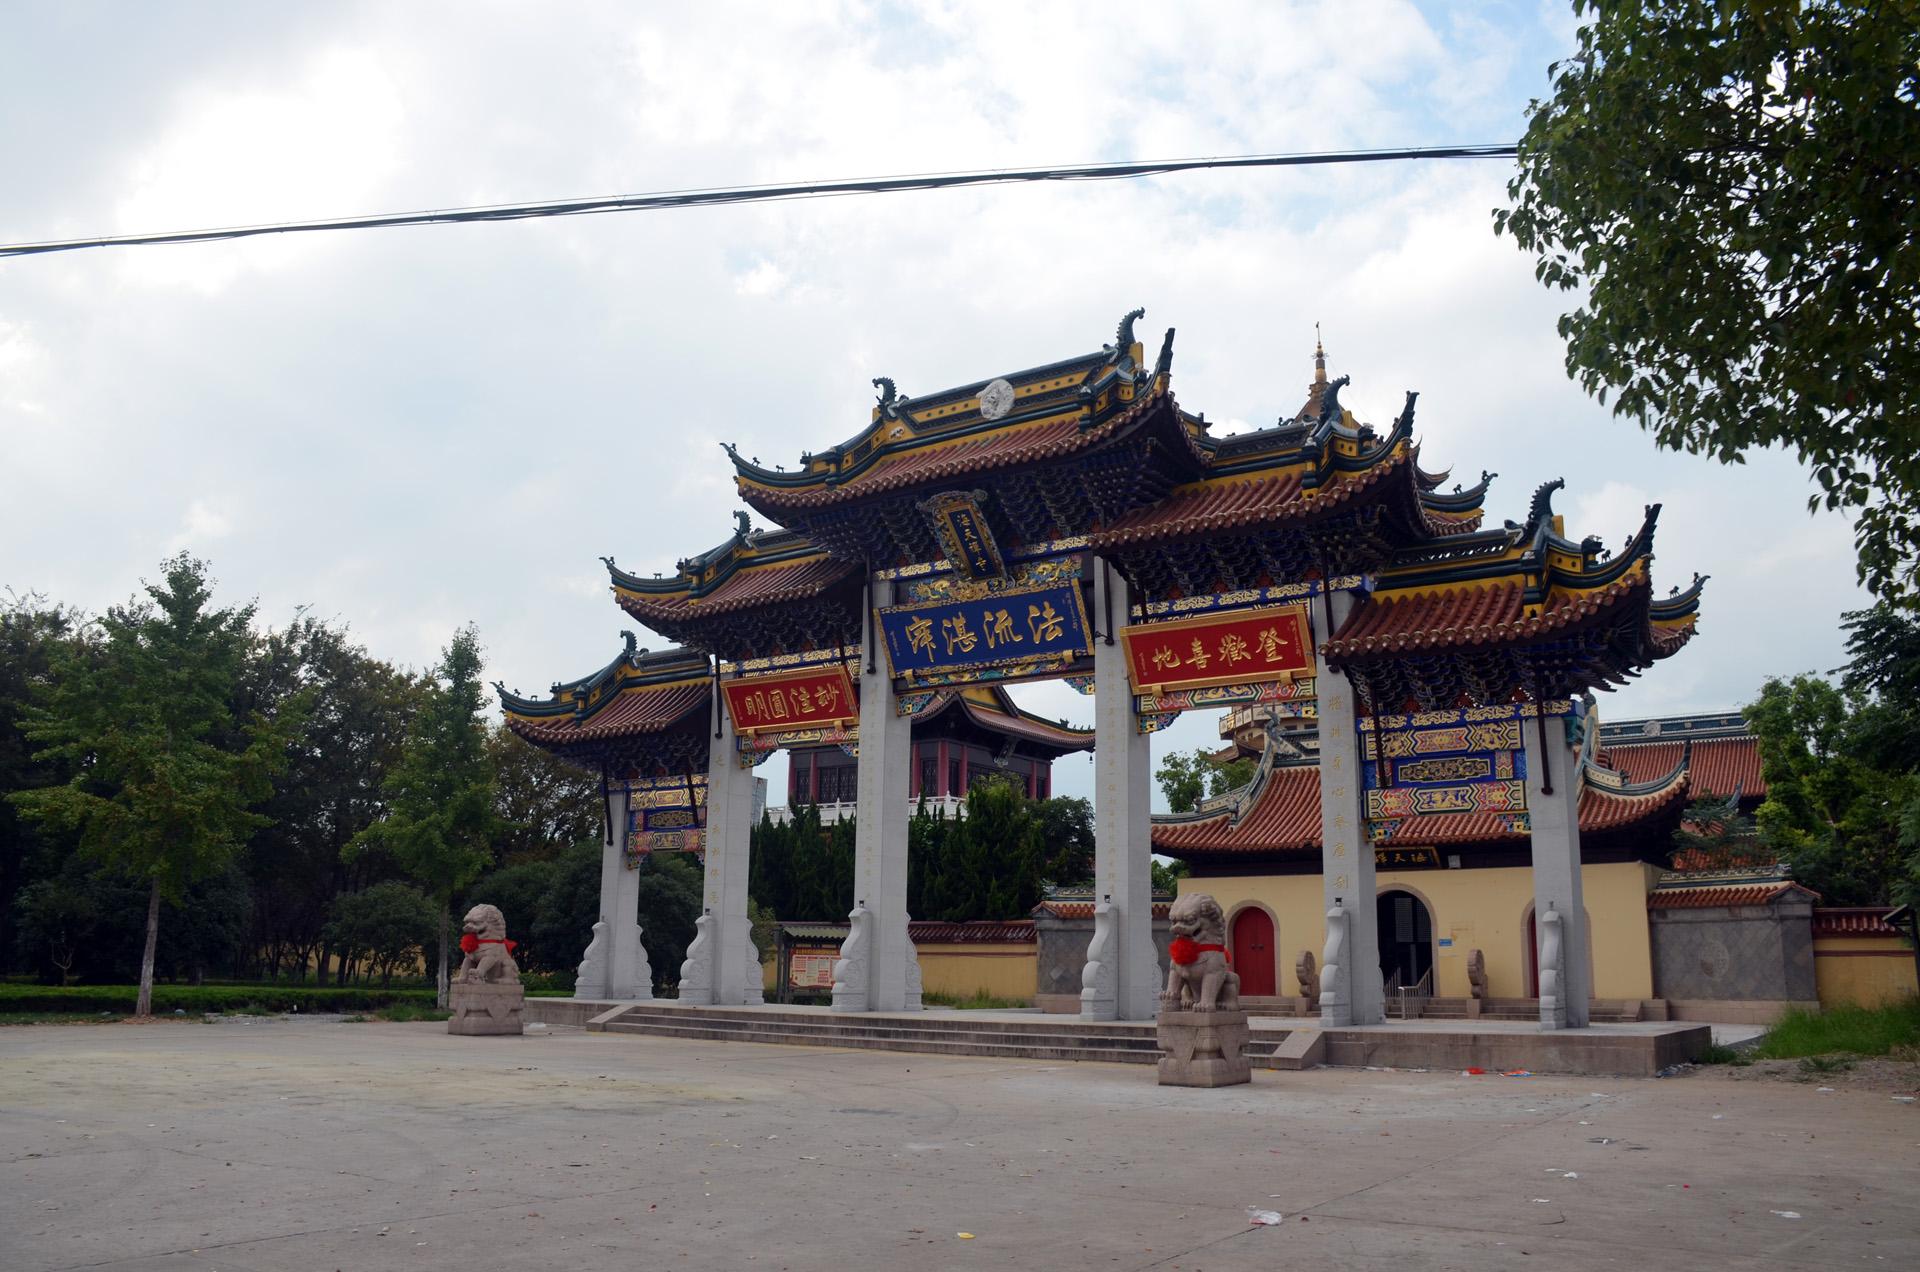 远景多角度太仓海天禅寺红庙的宏伟和江南缥缈正在建设的后殿 这里是太仓 摄影 第32张